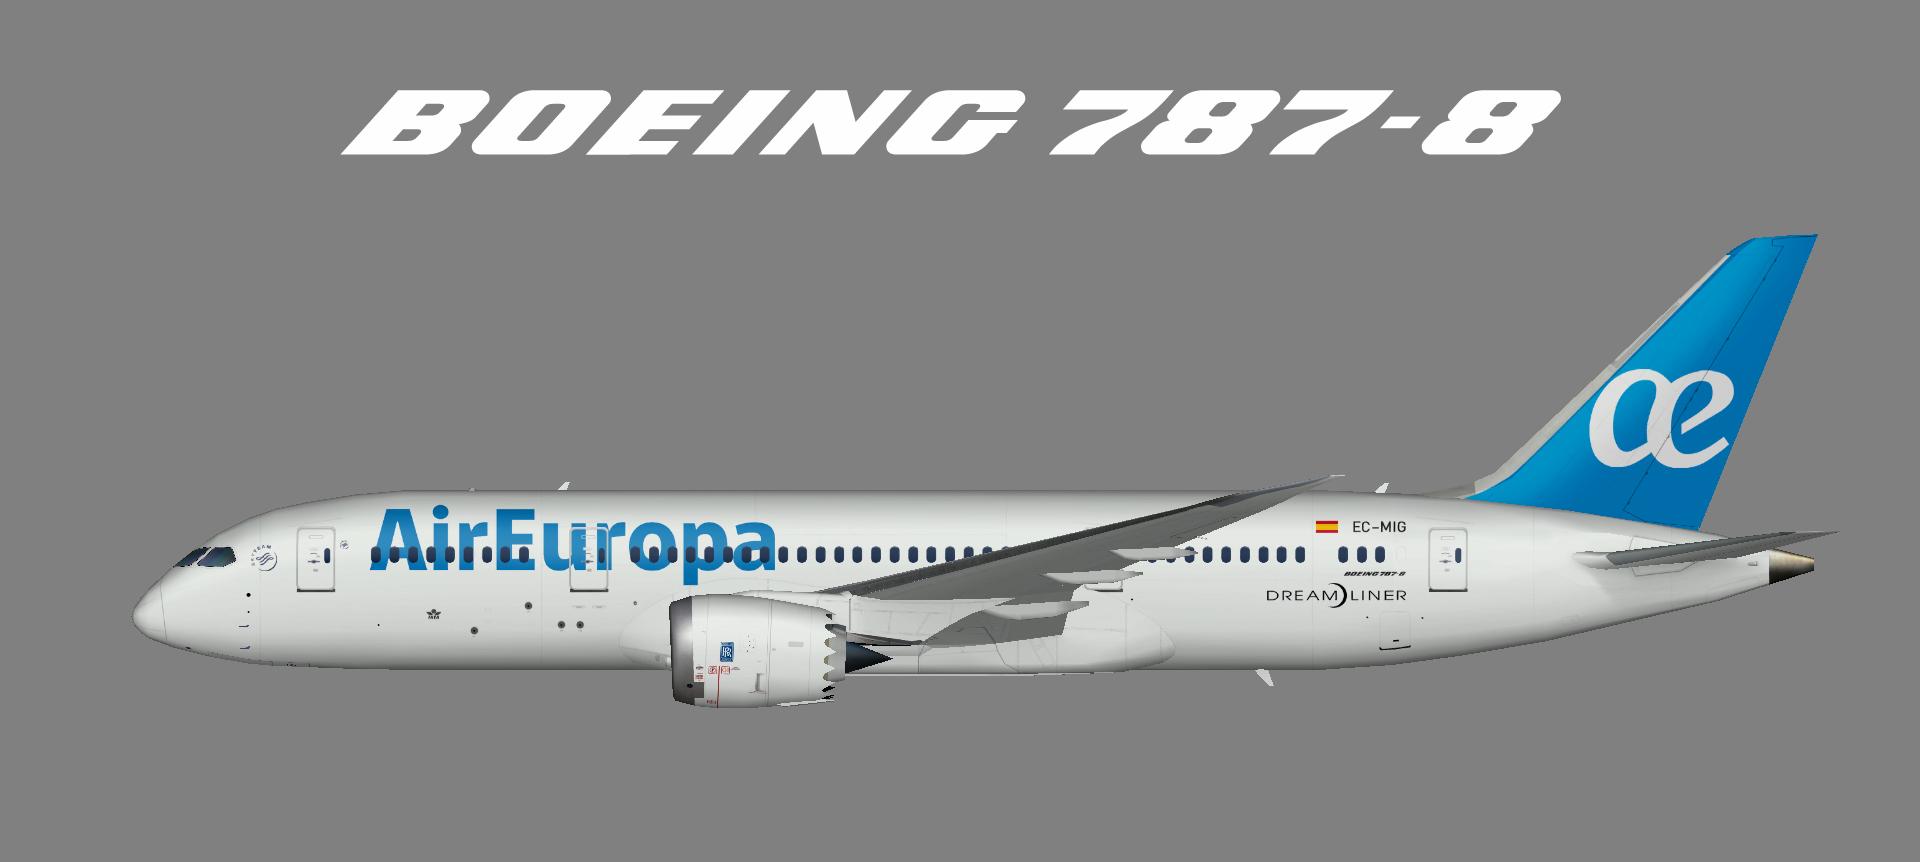 Air Europa 787-8